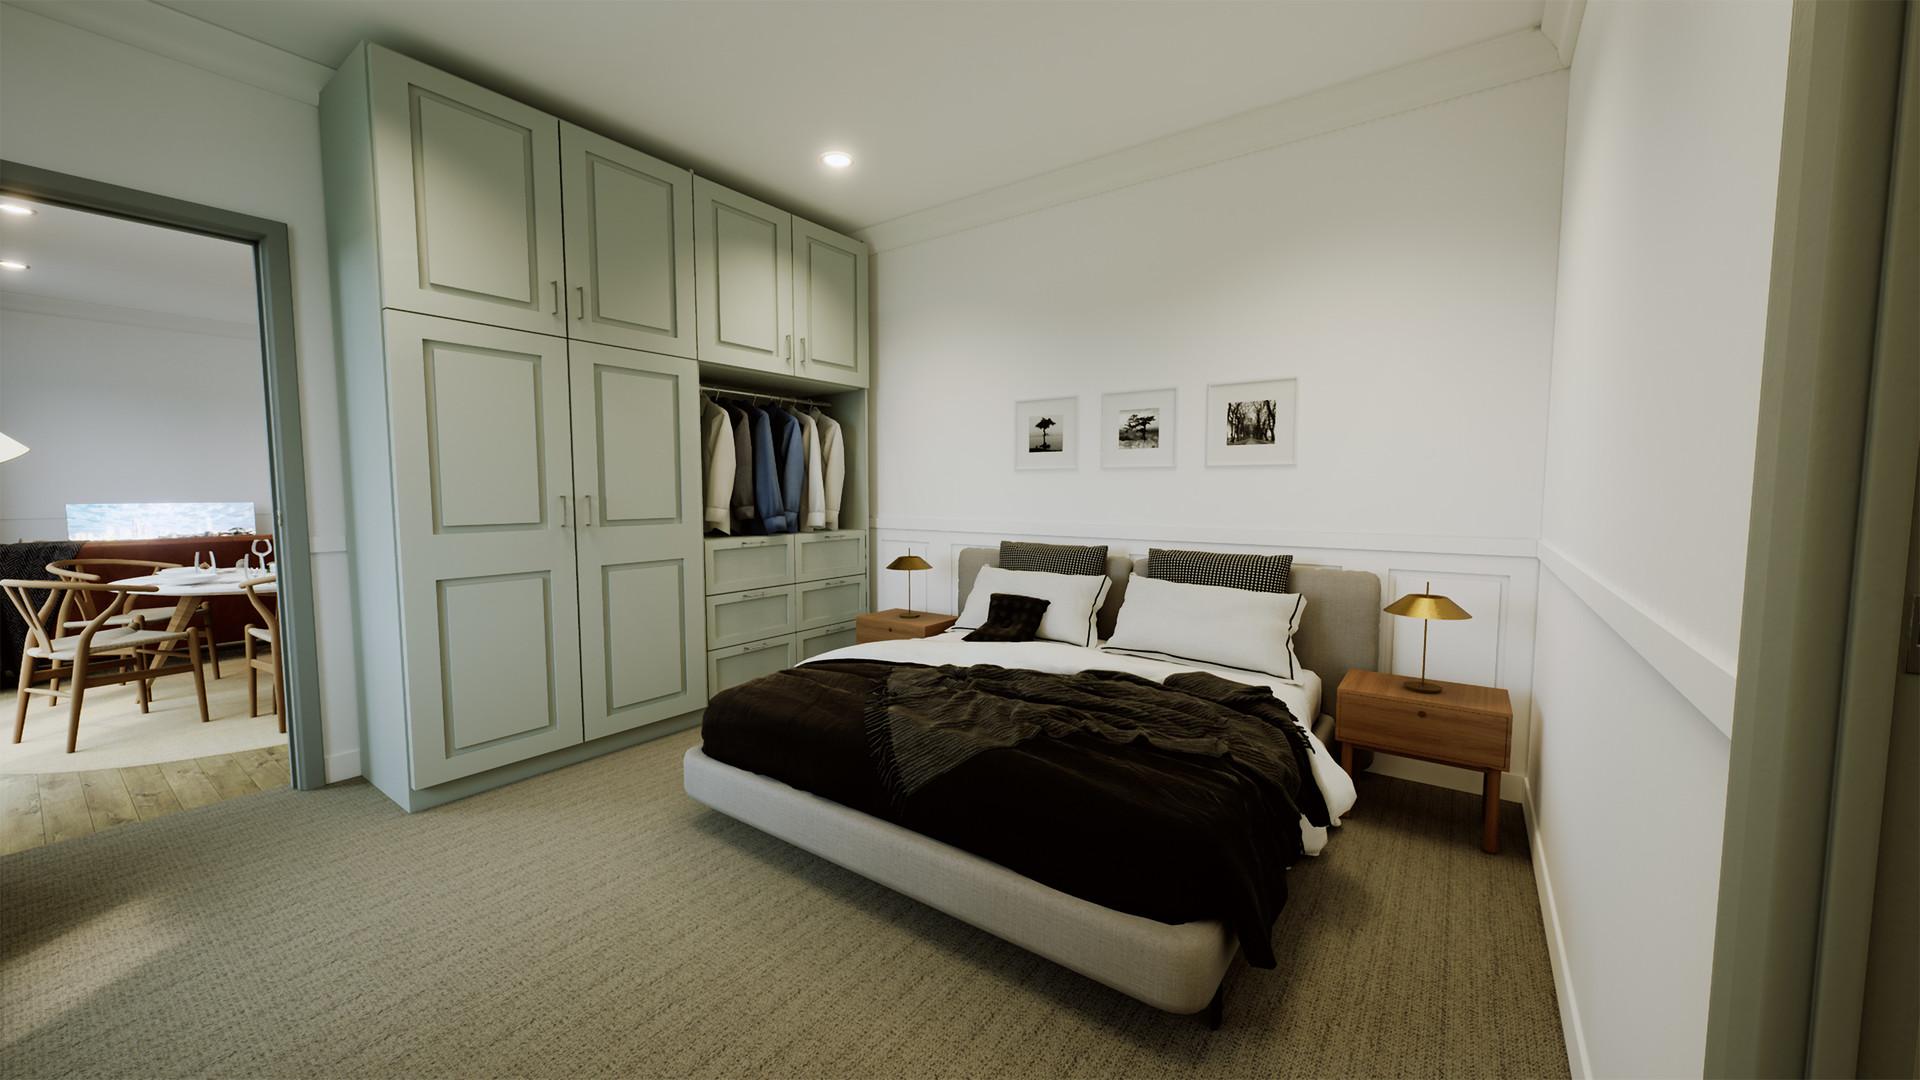 Jordan younie bedroom